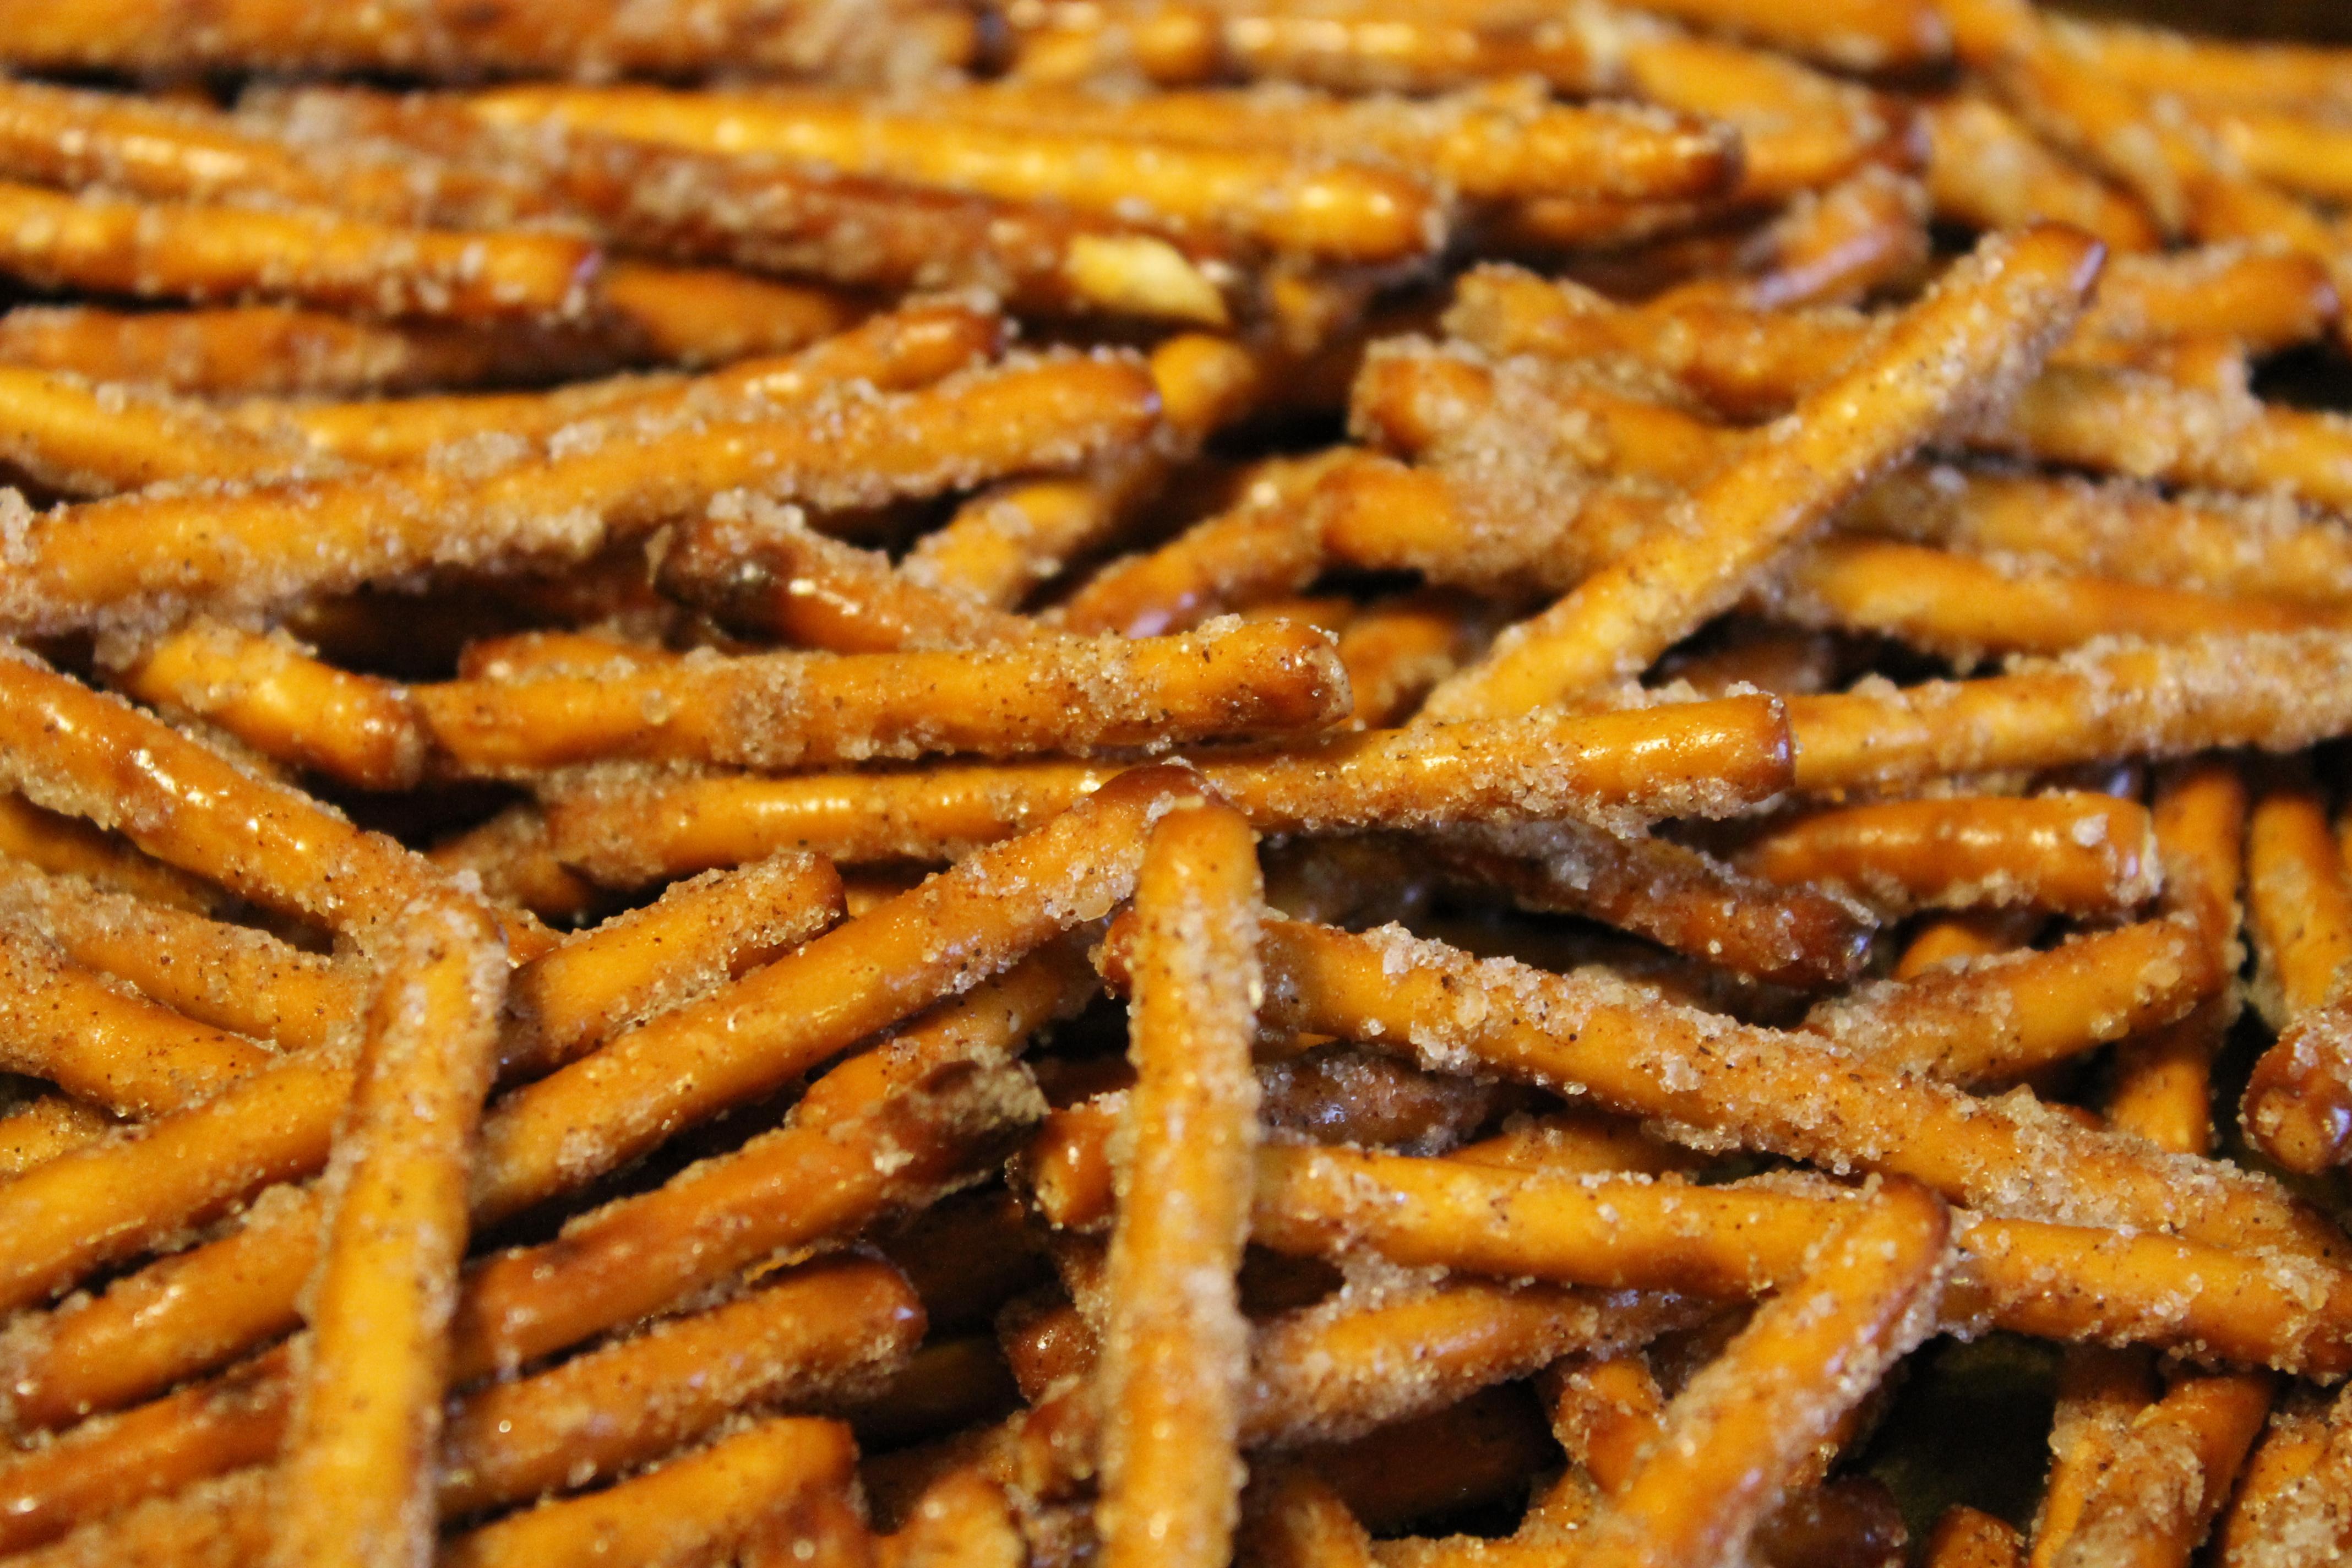 Spicy Pretzels and Cinnamon Sugar Pretzels | Jackatessa's Blog